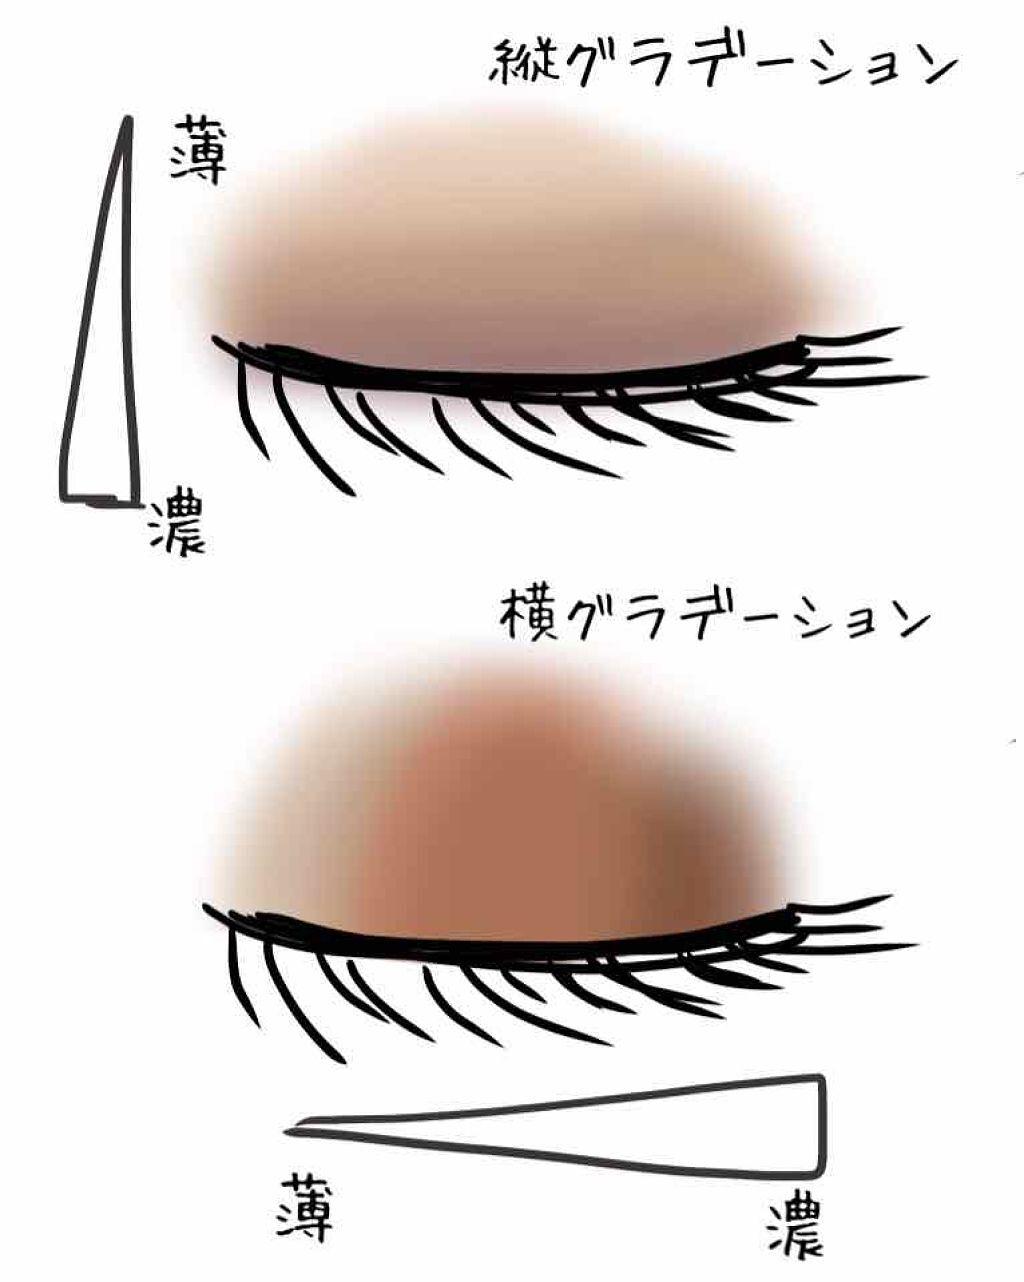 「誰でも簡単!カーキメイクを似合わせるやり方|ブルべ・イエベのおすすめカラーも紹介」の画像(#180607)